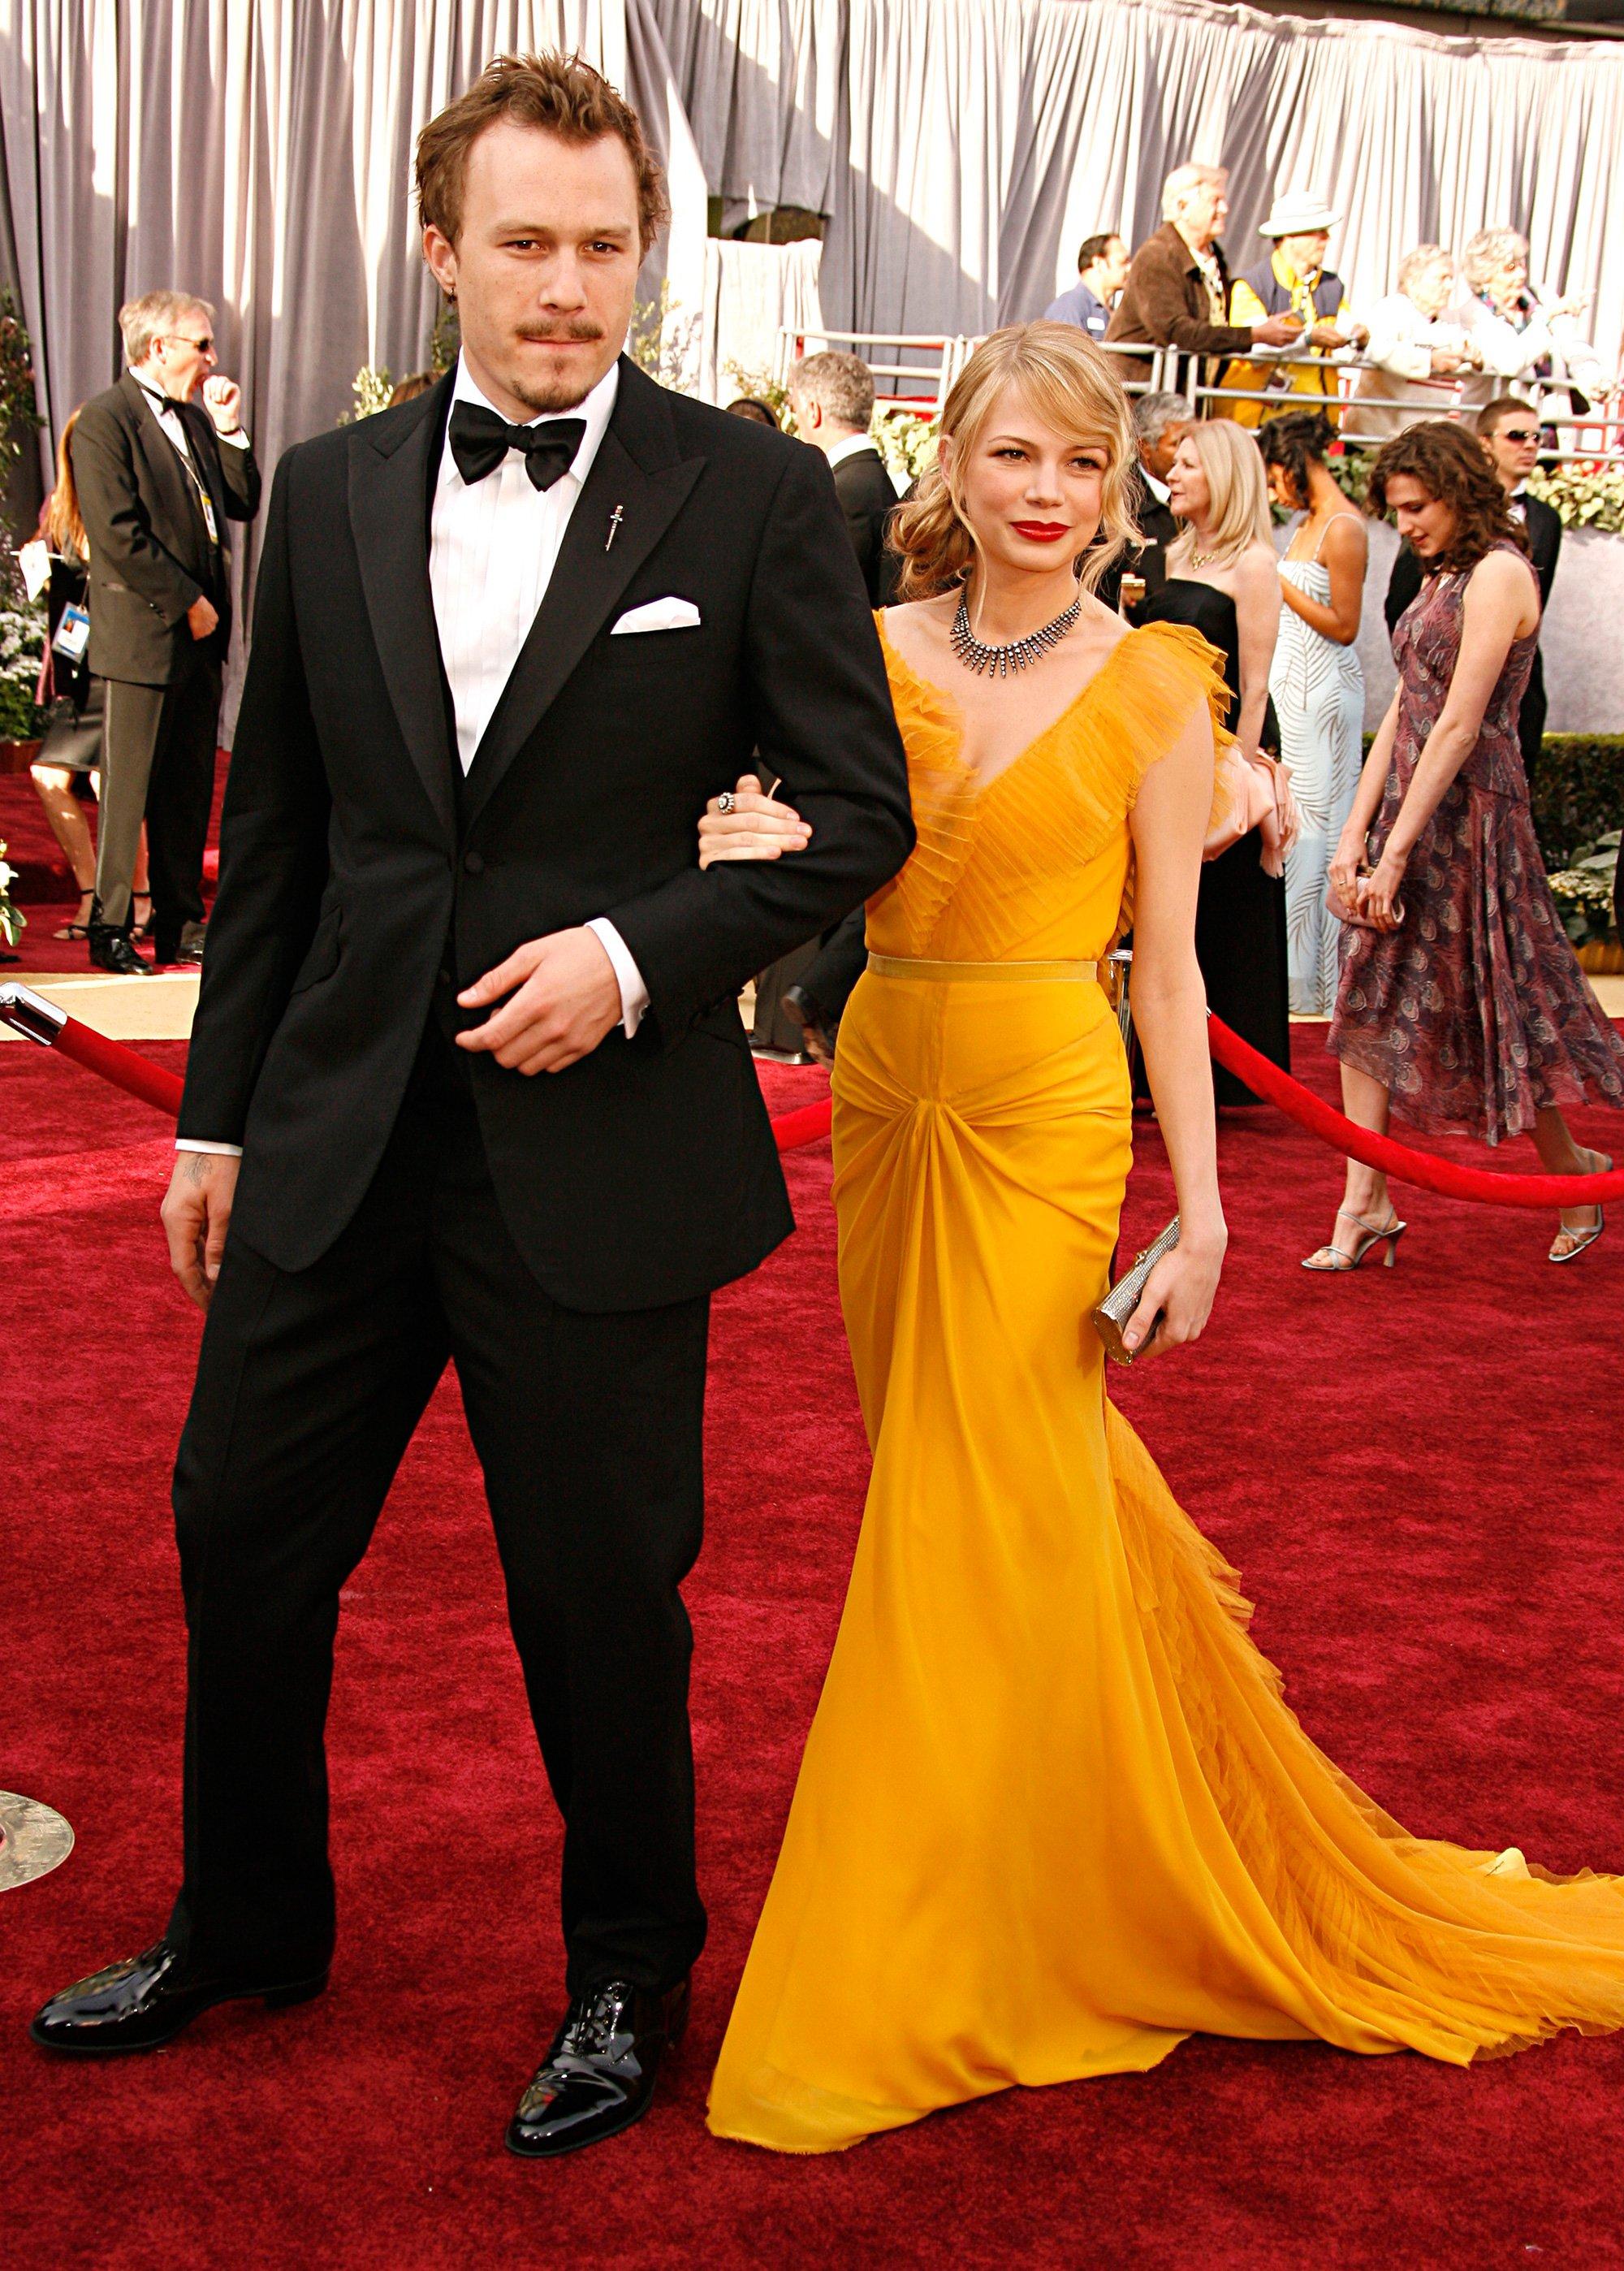 Ngọt ngào là cụm từ Vogue dành cho sự xuất hiện của đôi uyên ương Heath Ledger and Michelle Williams